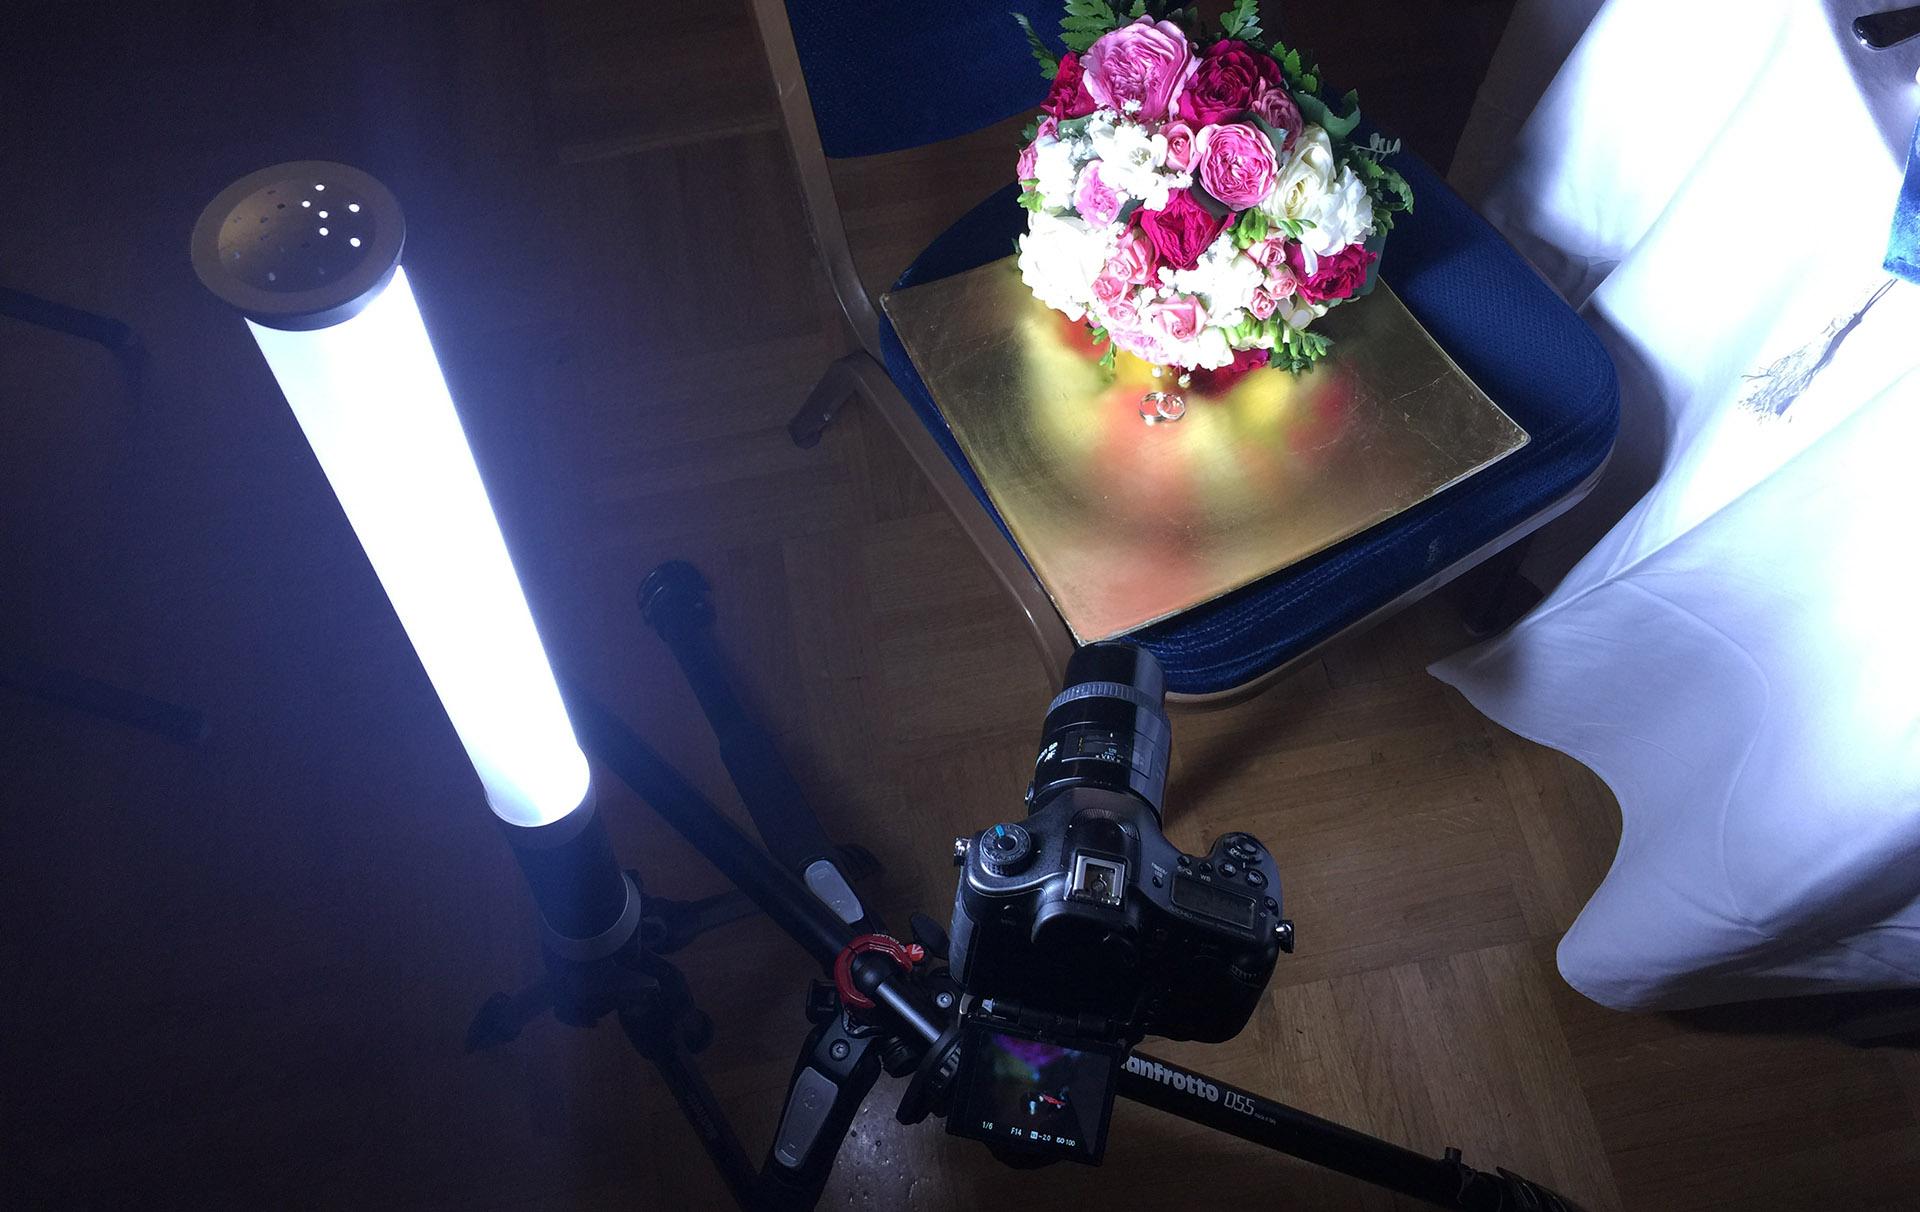 photographier des alliances de mariage